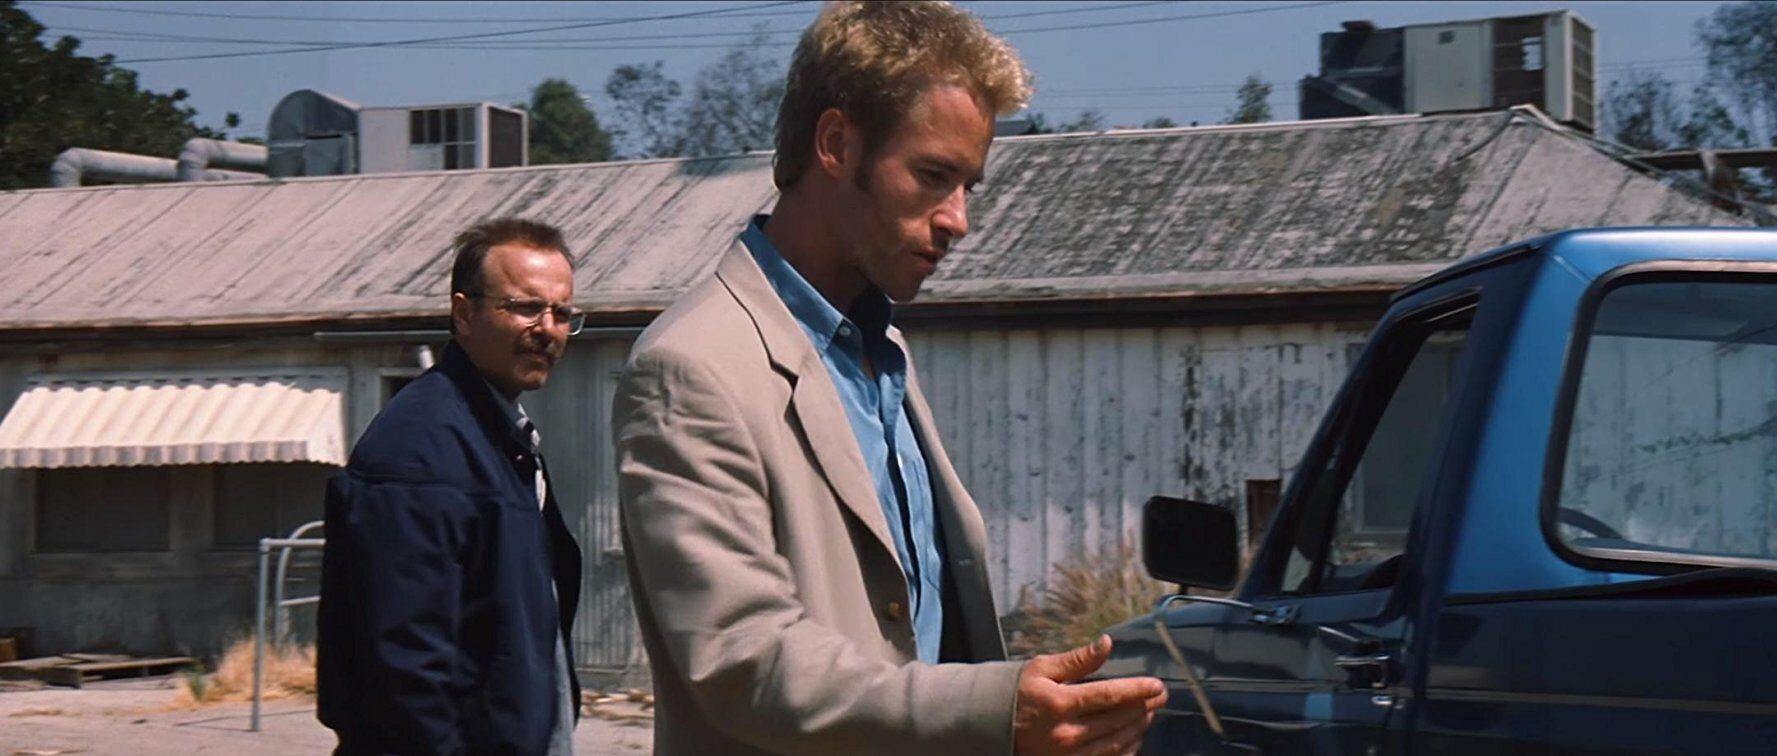 """W filmie """"Memento"""" Leonard Shelby (Guy Pearce) cierpi na:"""